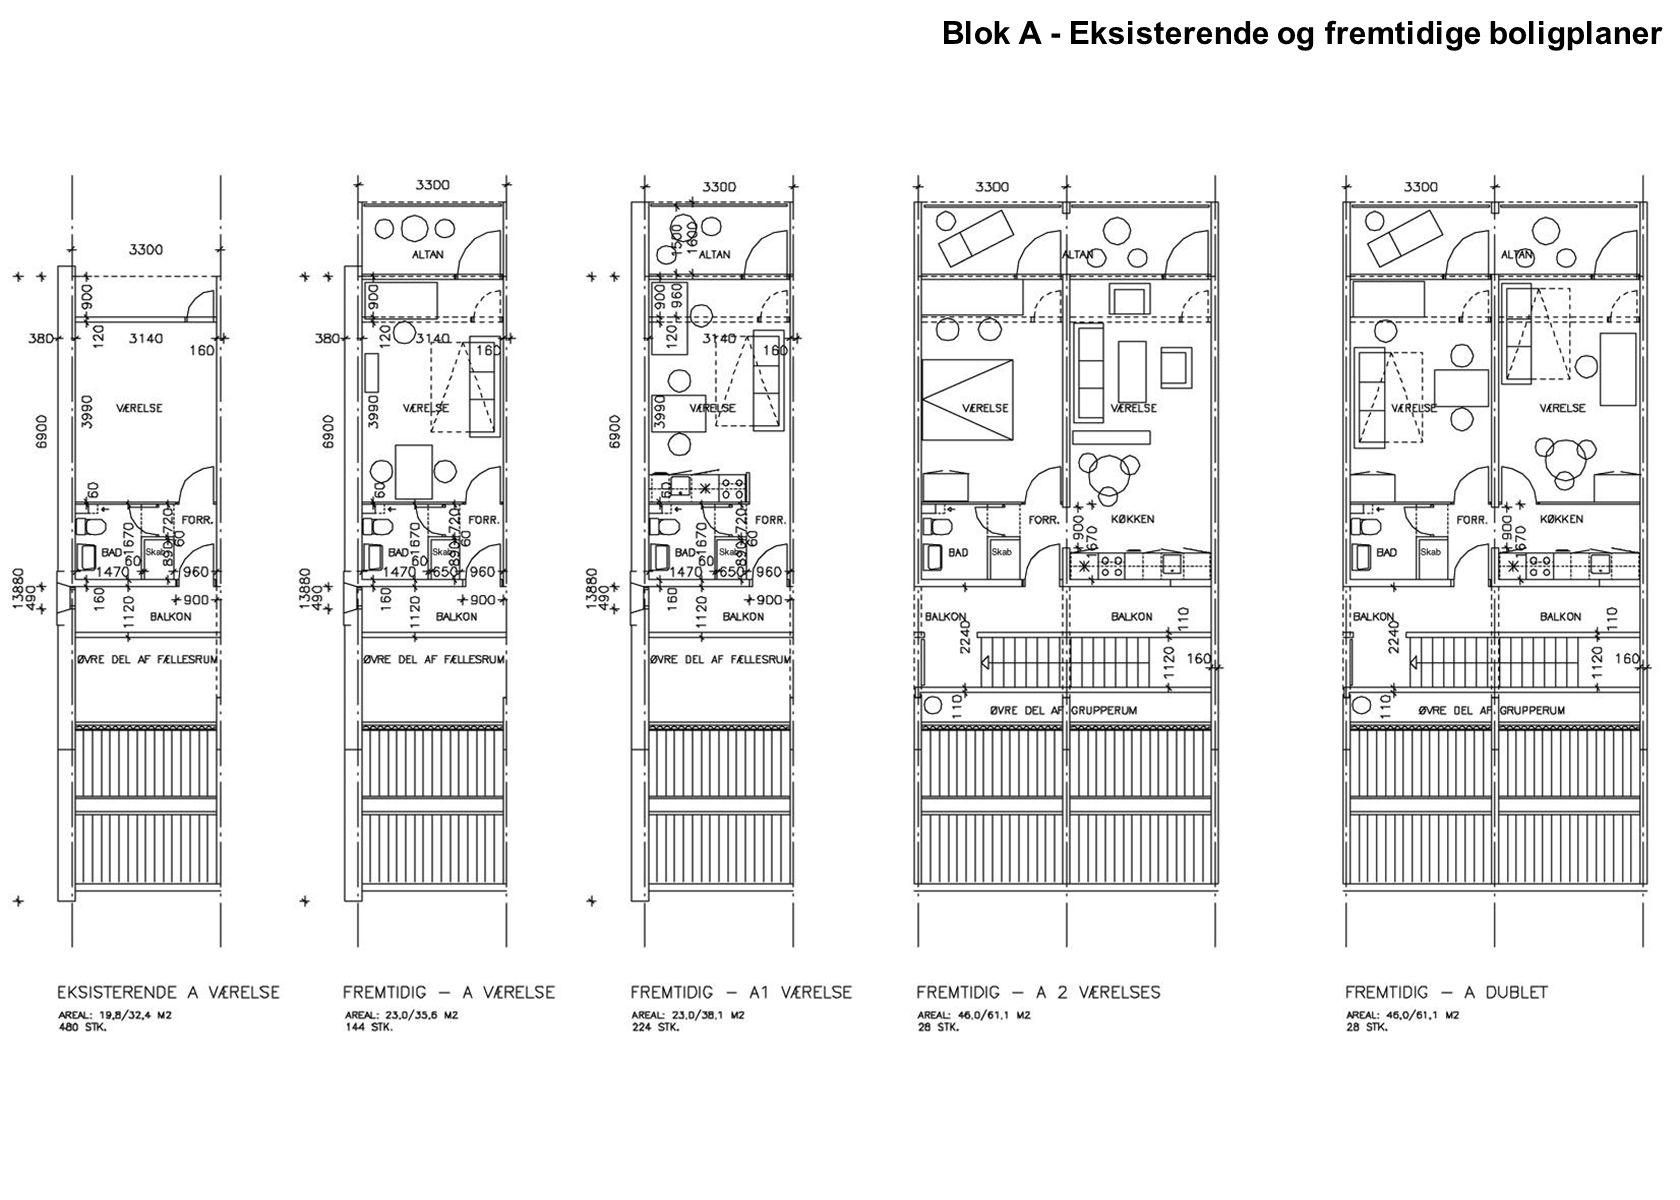 Blok A - Eksisterende og fremtidige boligplaner